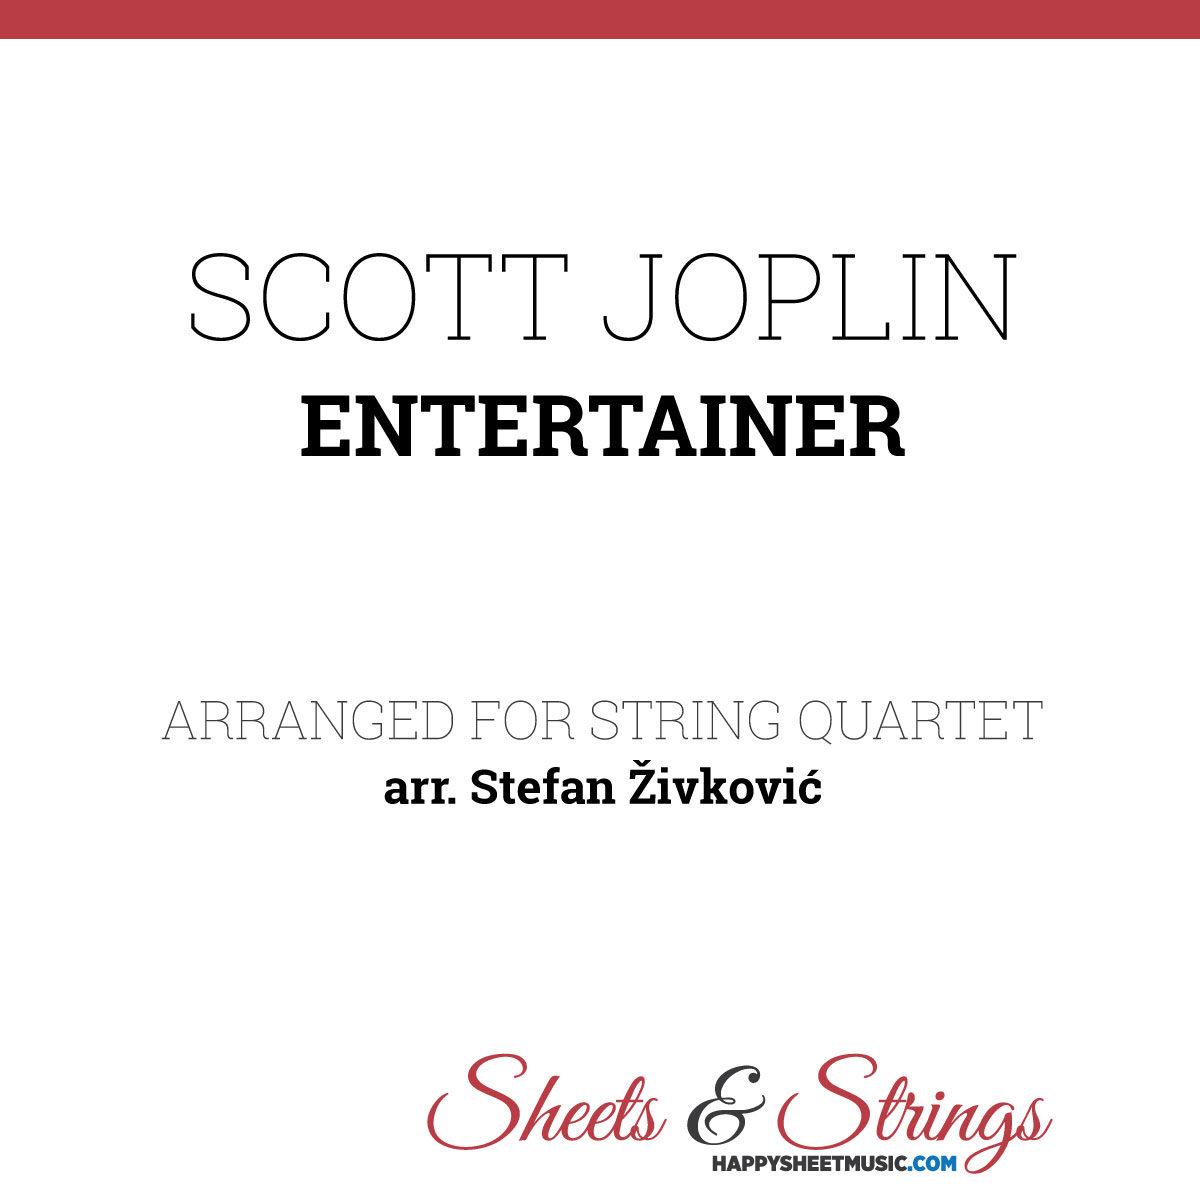 Scott Joplin Entertainer Sheet Music for String Quartet